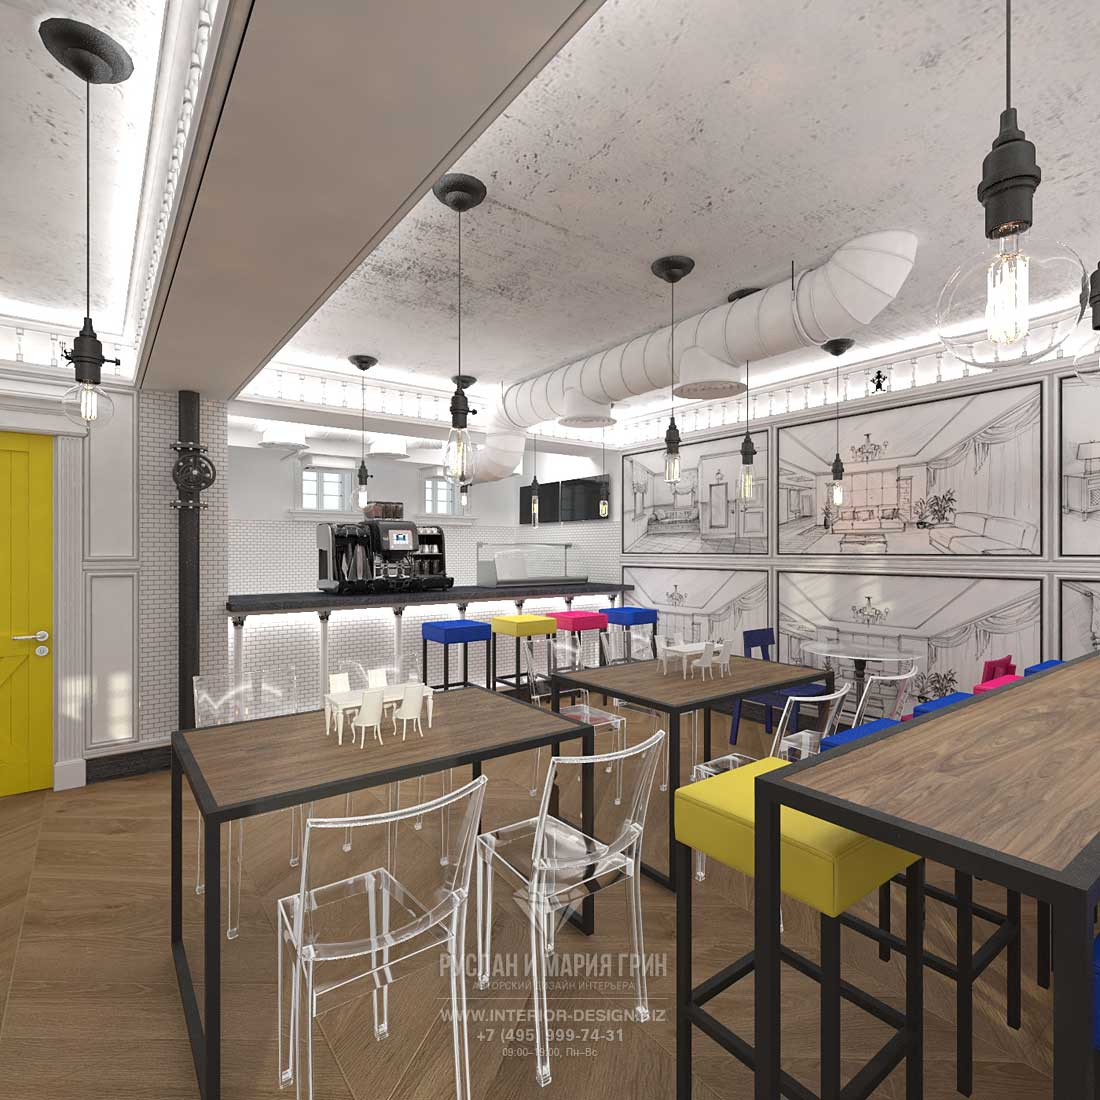 Дизайн лофтового интерьера бара